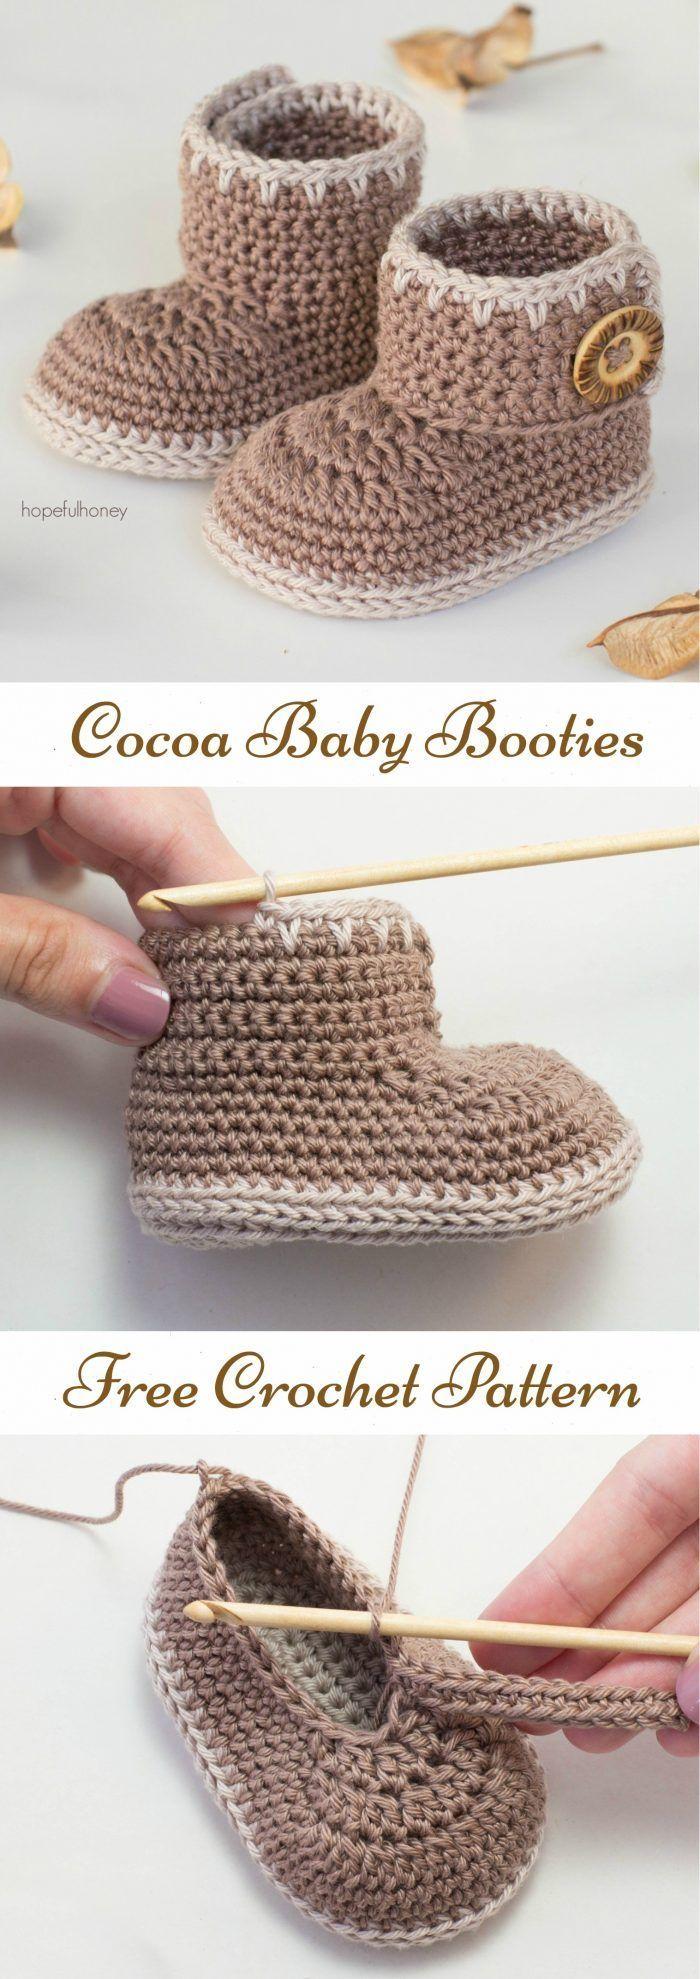 Cocoa Baby Booties Kostenlose Häkelanleitung #crochetturtles